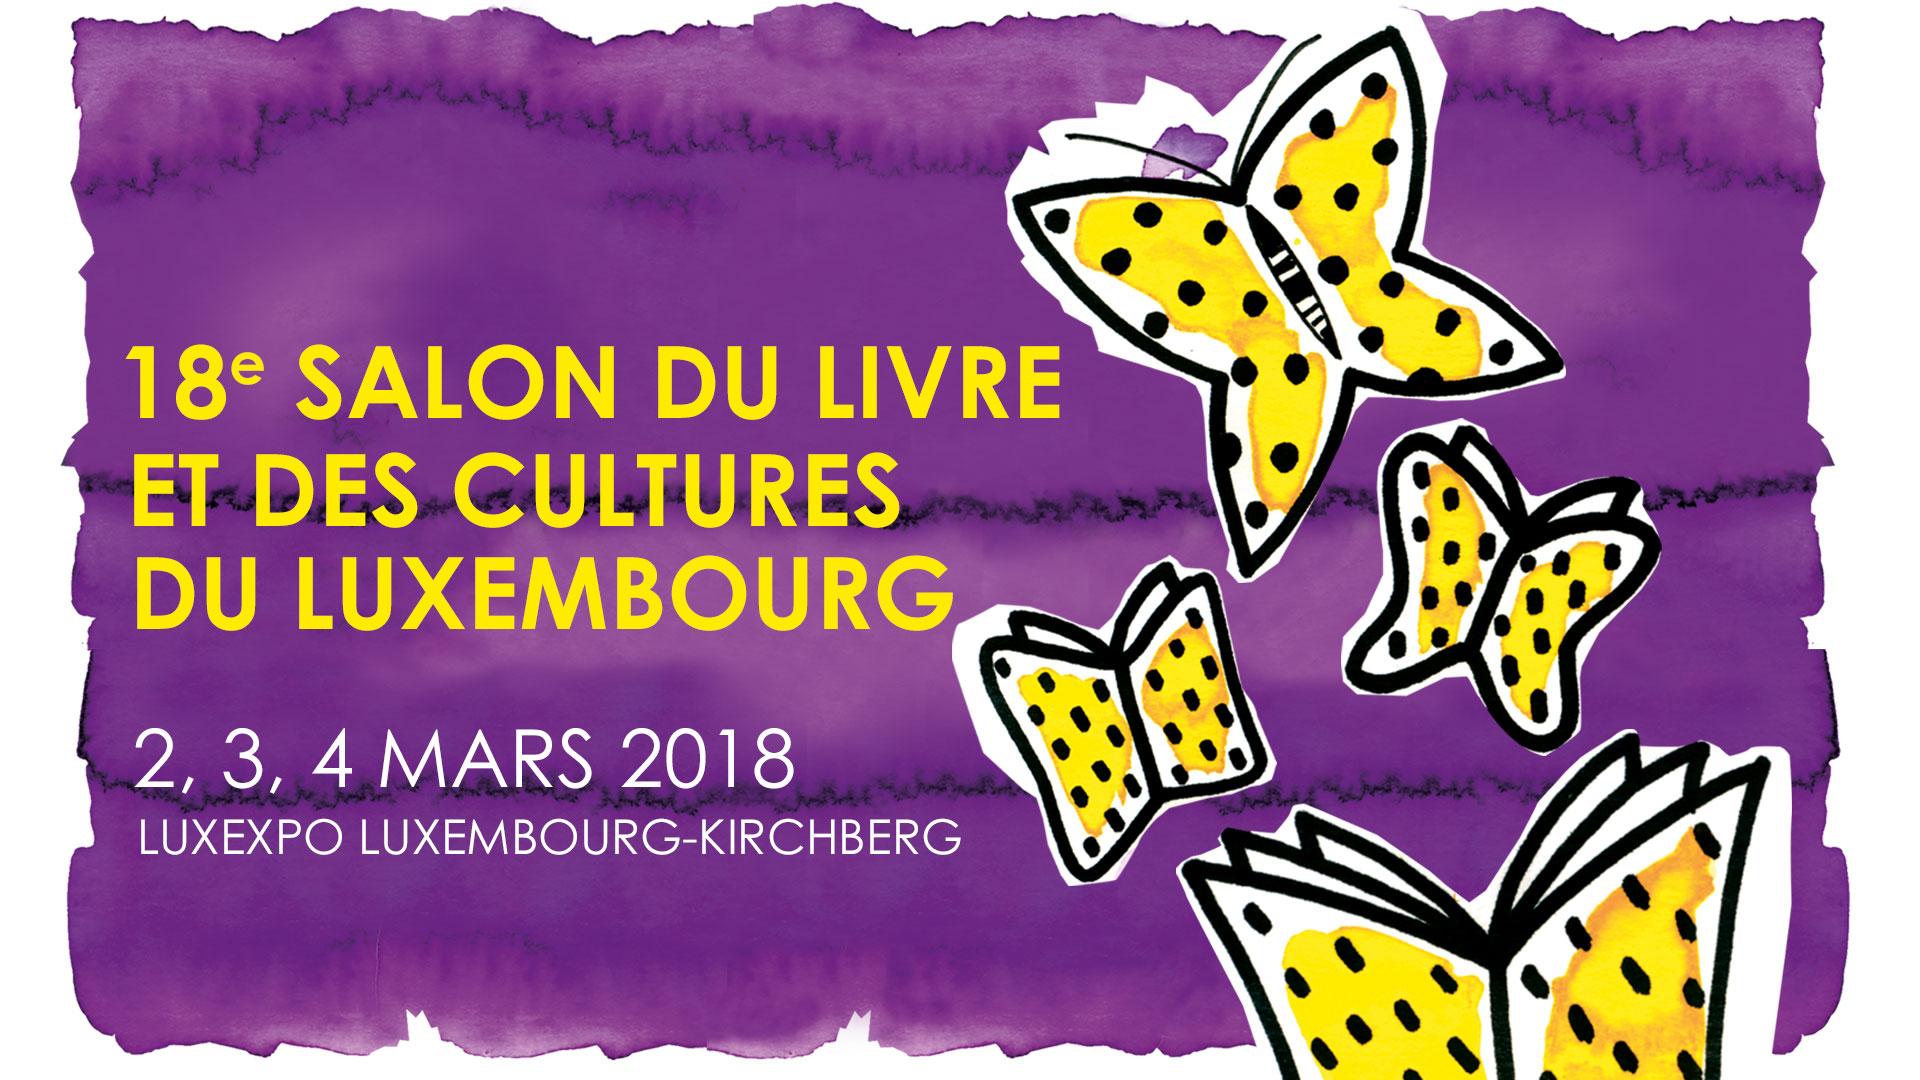 Salon du livre et des cultures du luxembourg clae for Salon du livre exposants